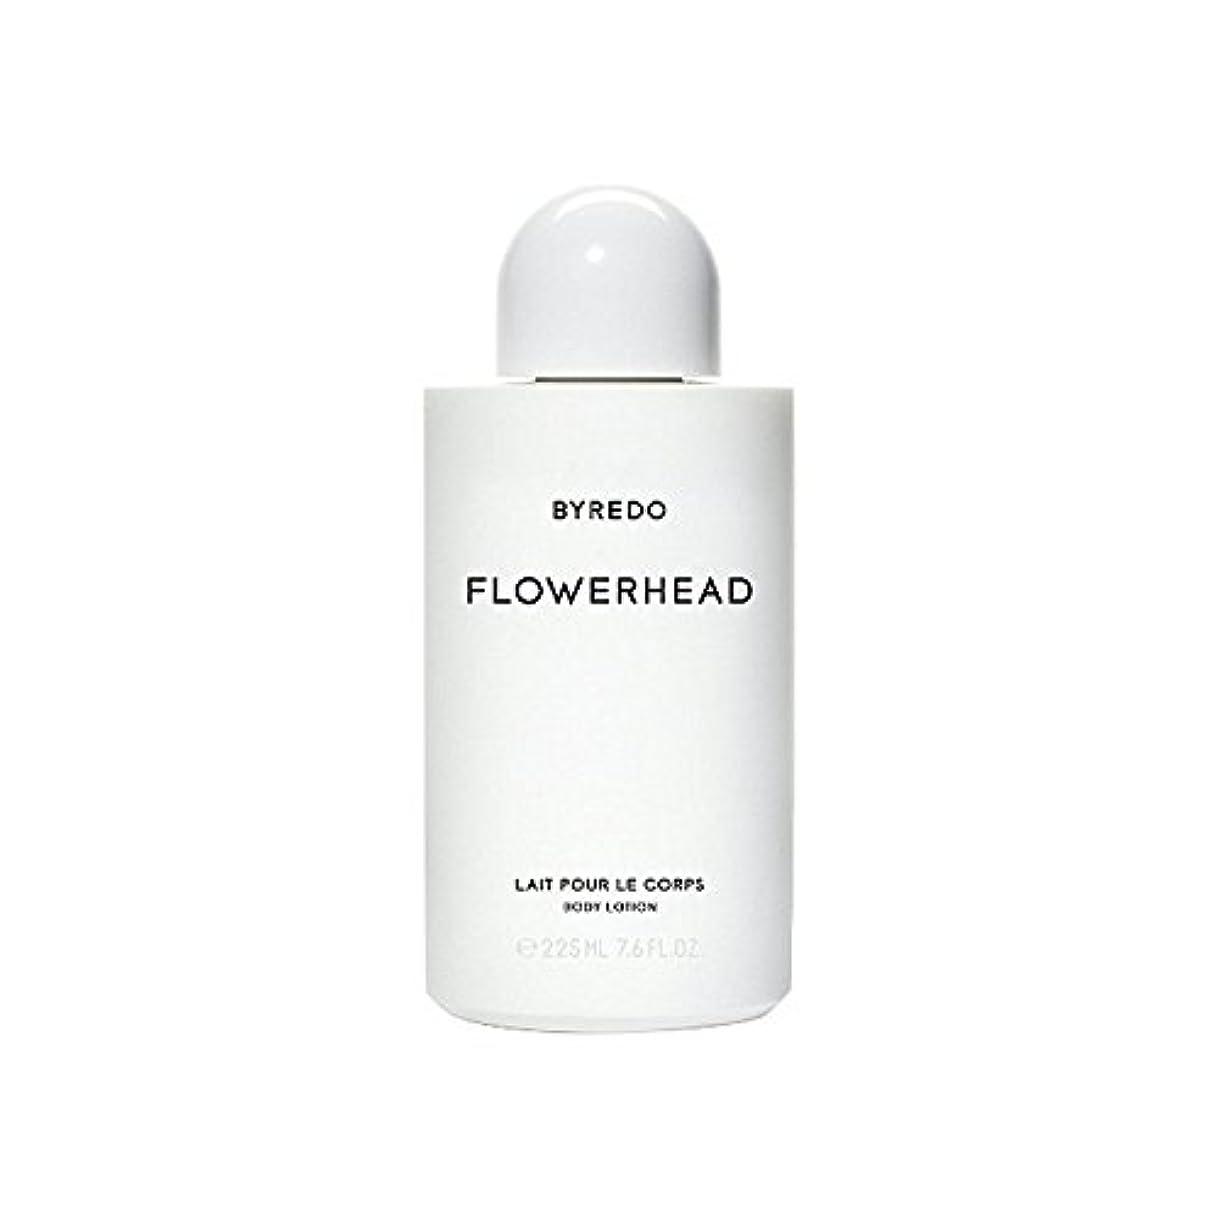 湖洞窟レルムByredo Flowerhead Body Lotion 225ml - ボディローション225ミリリットル [並行輸入品]